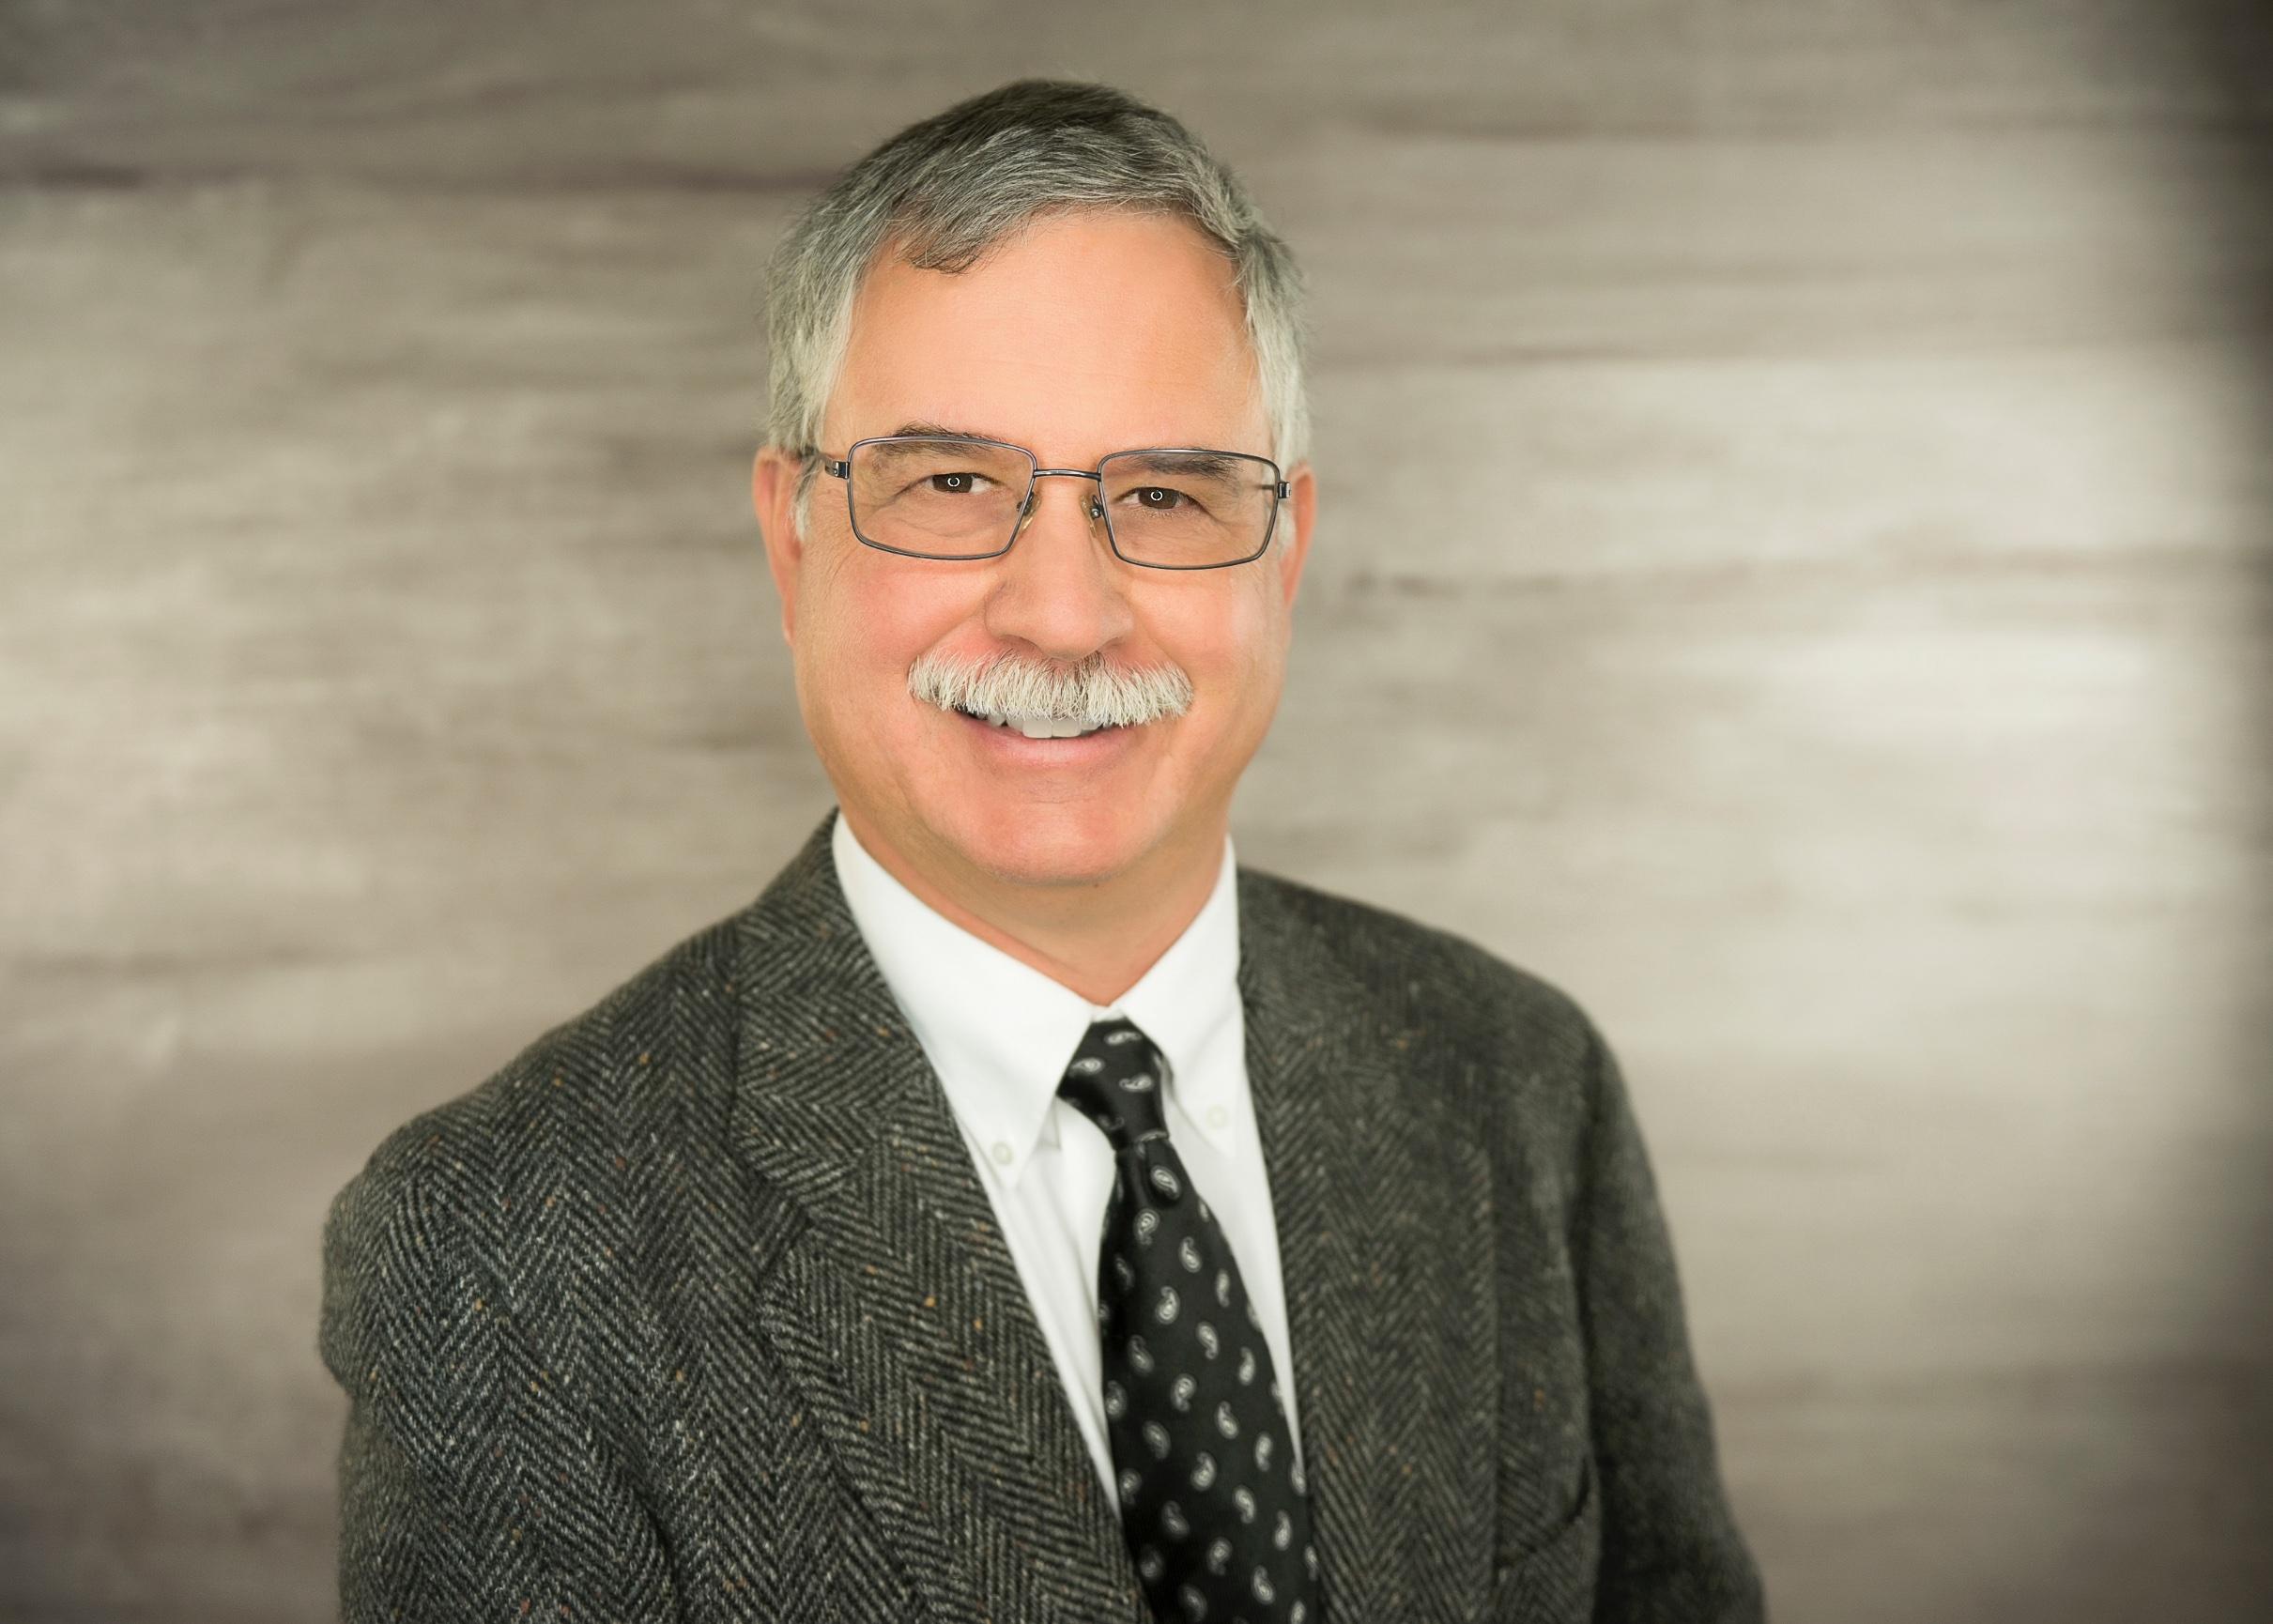 Jeff Reid